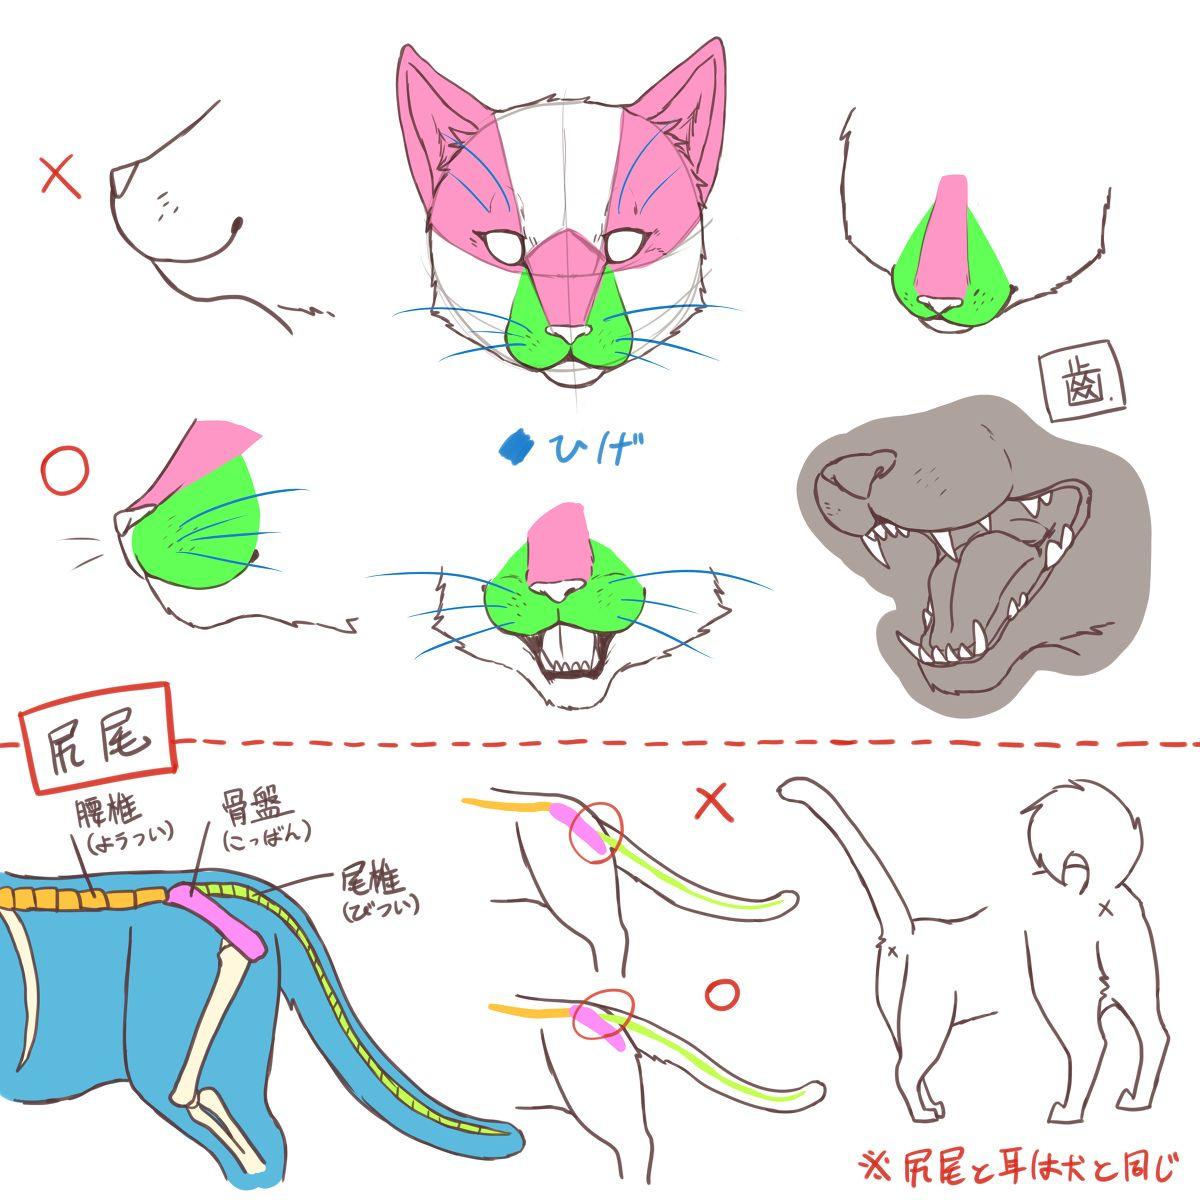 2018 年の「【自己流】犬と猫の描き方 [4] | how to」 | pinterest | 猫